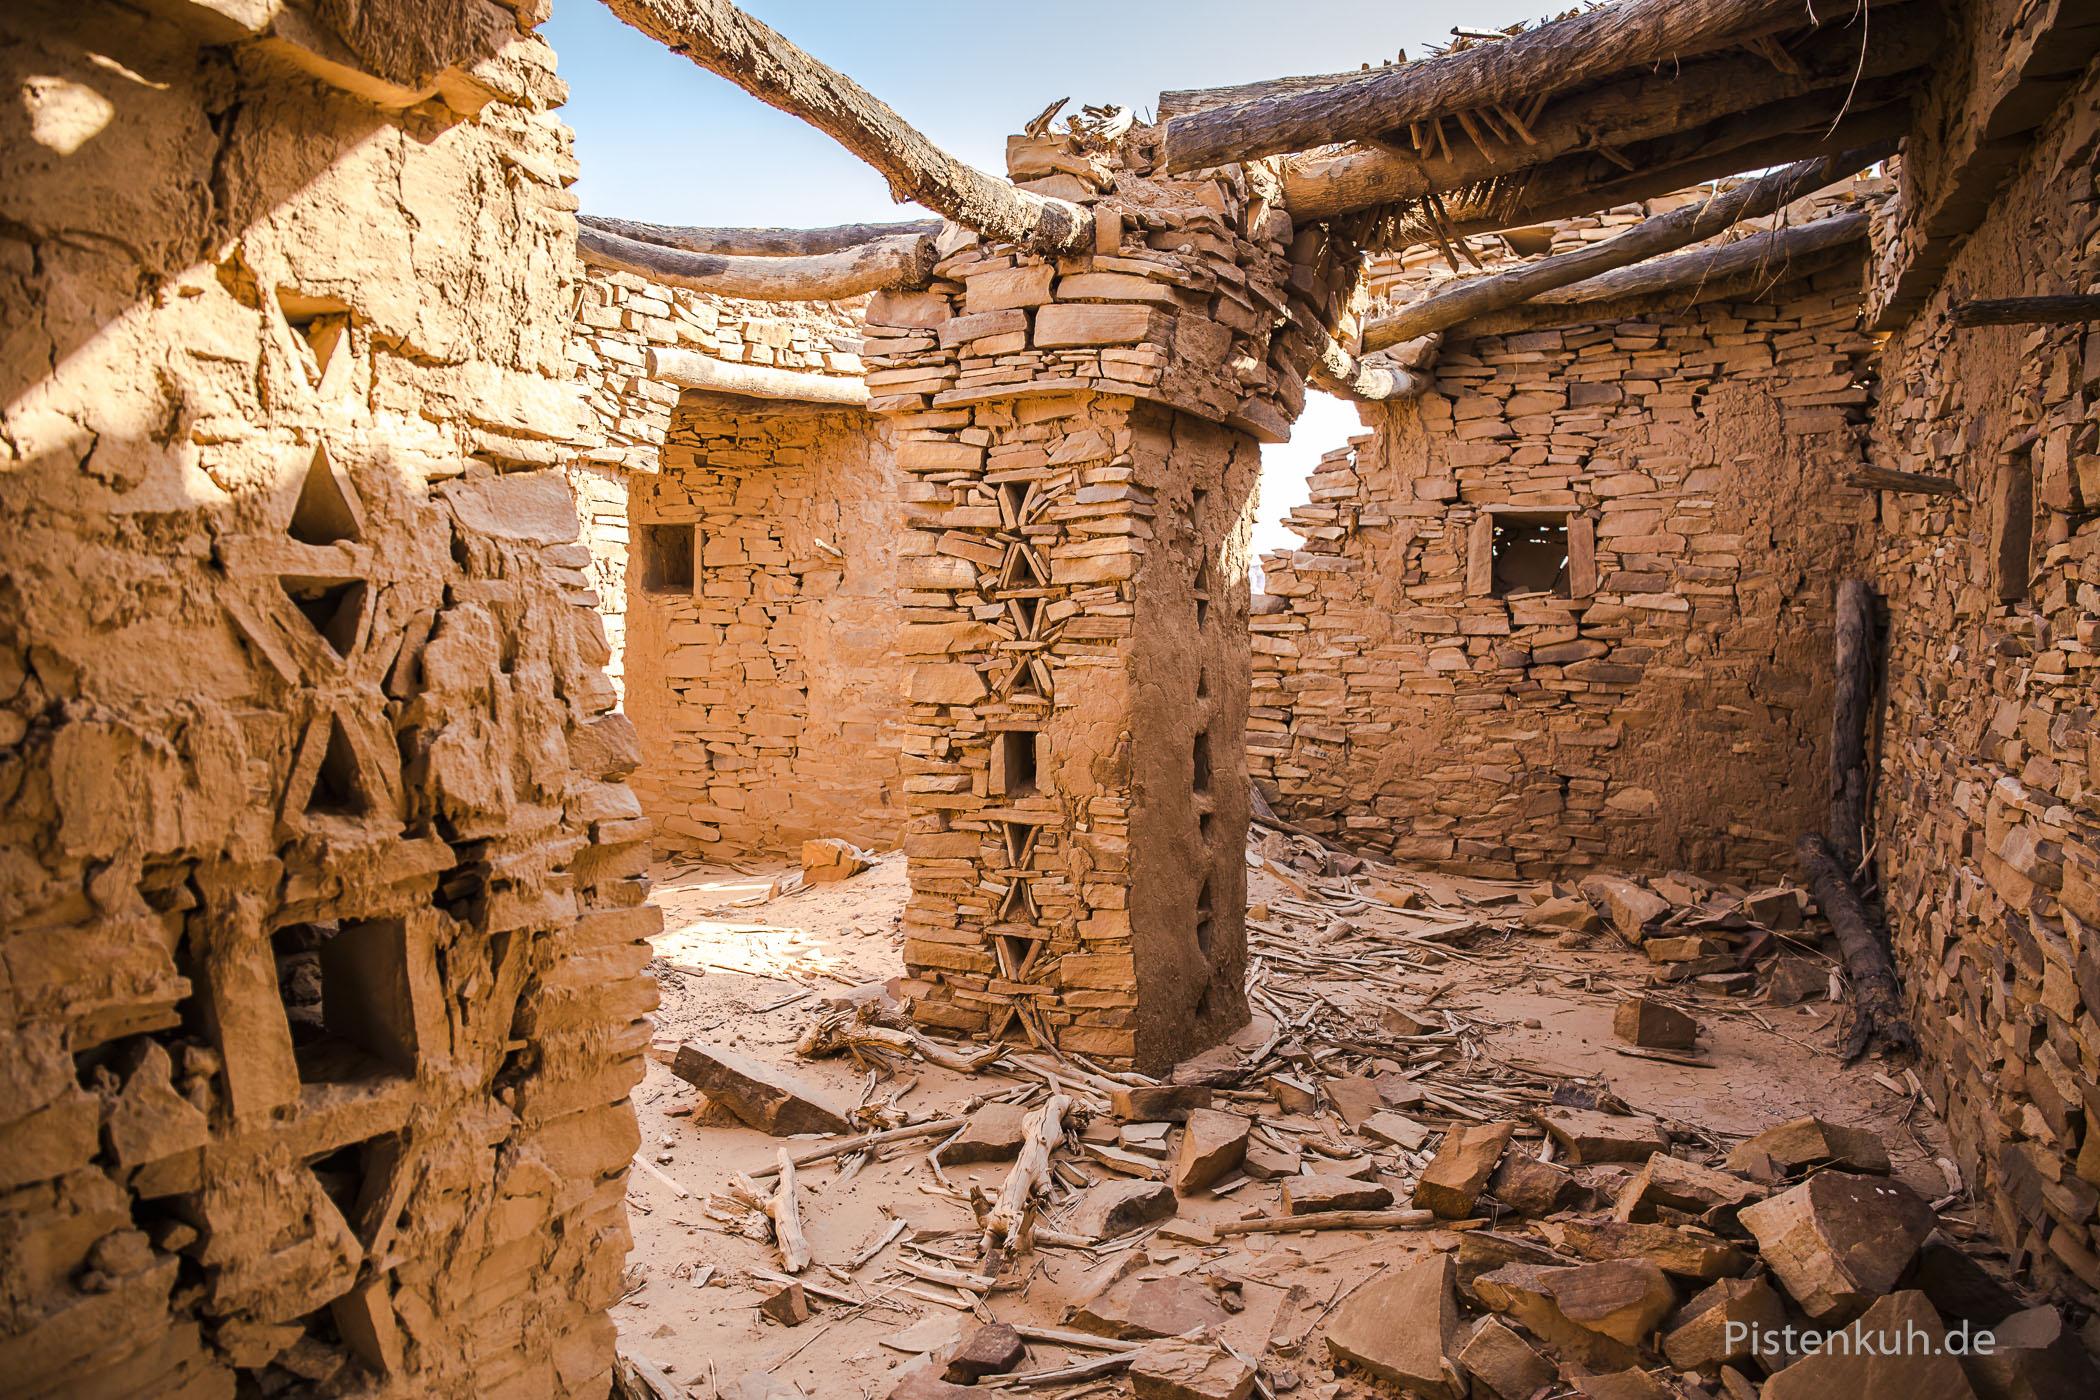 Heute nur noch Ruinen, das einst bedeutende Handelszentrum.